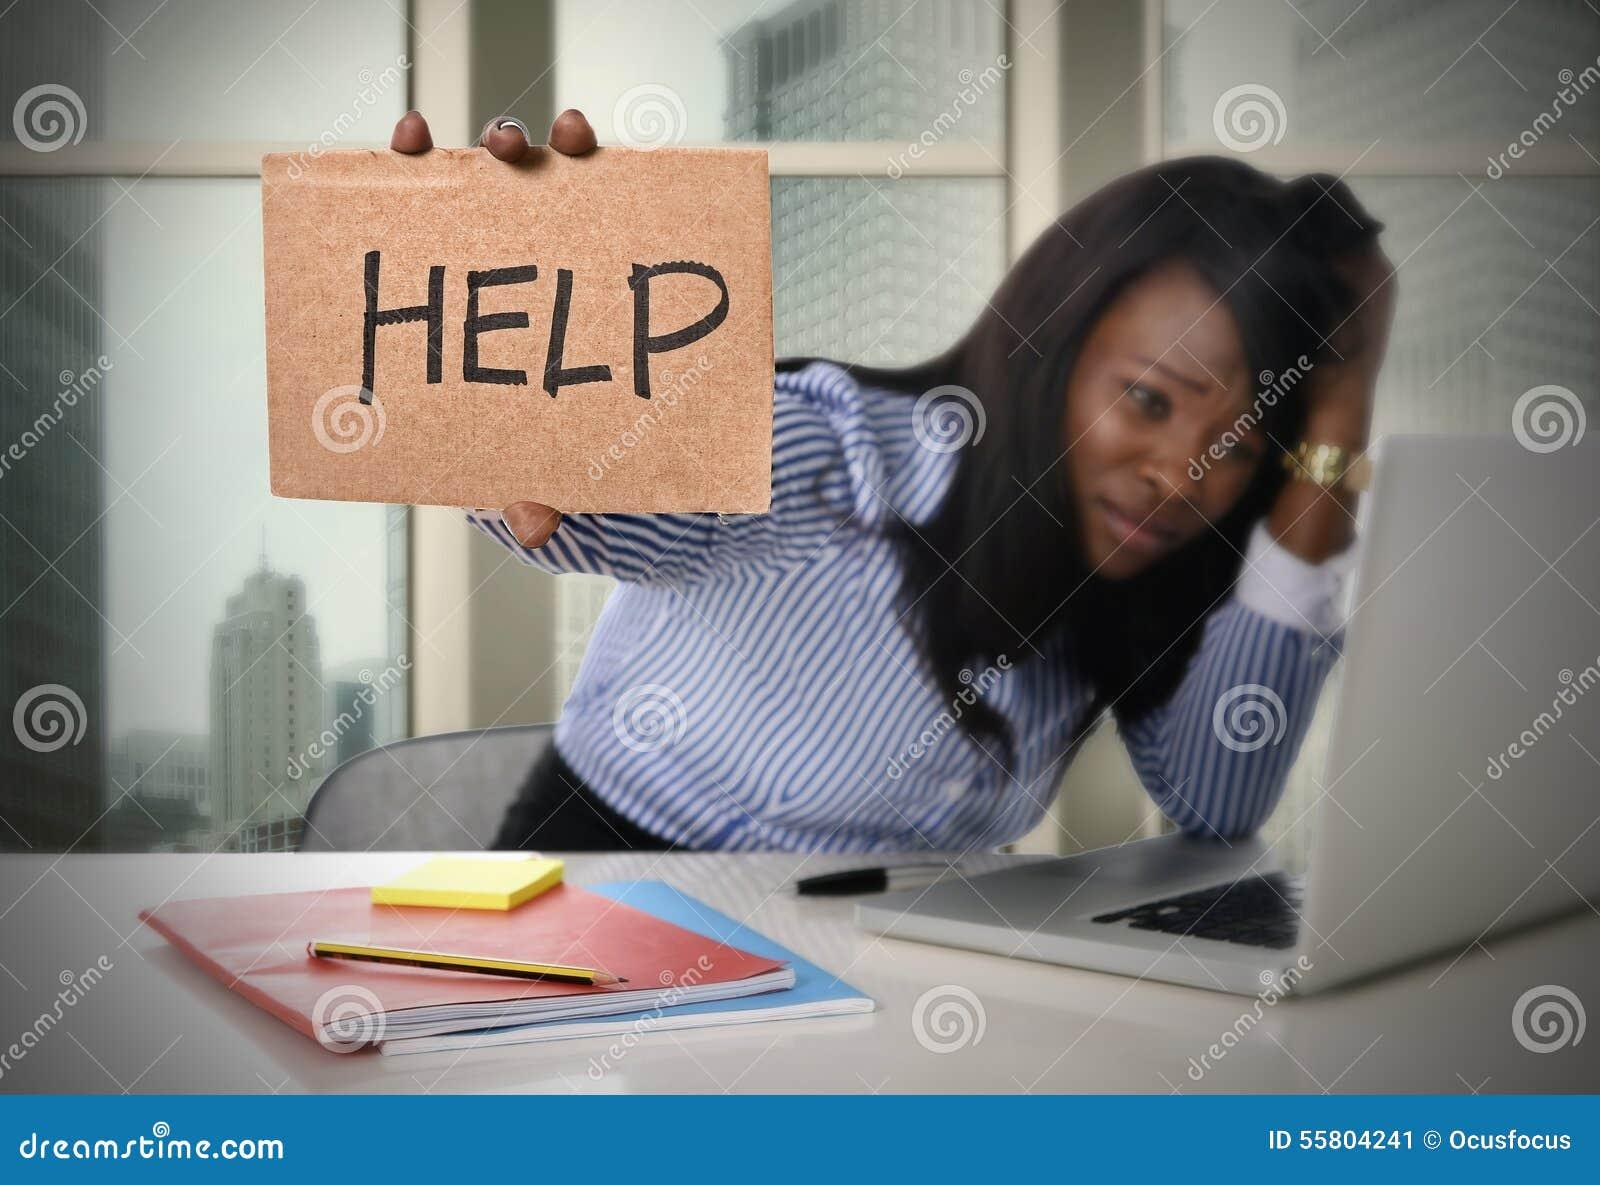 Το αμερικανικό έθνος μαύρων Αφρικανών κούρασε τη ματαιωμένη εργασία γυναικών στην πίεση ζητώντας τη βοήθεια